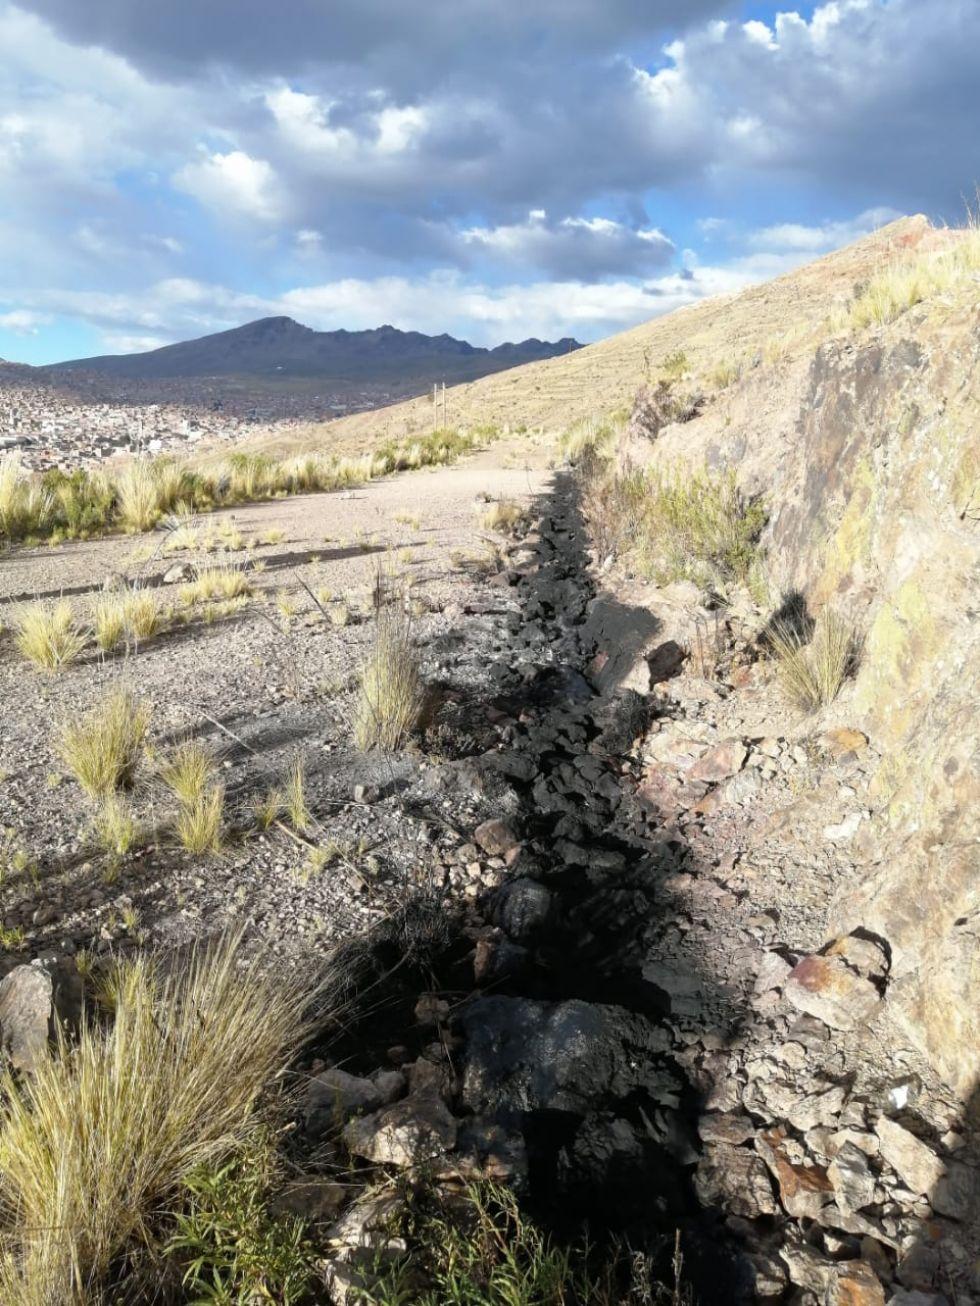 Al menos 30 metros del ducto fueron quemadospor personas aún no identificadas.  FOTO: AAPOS